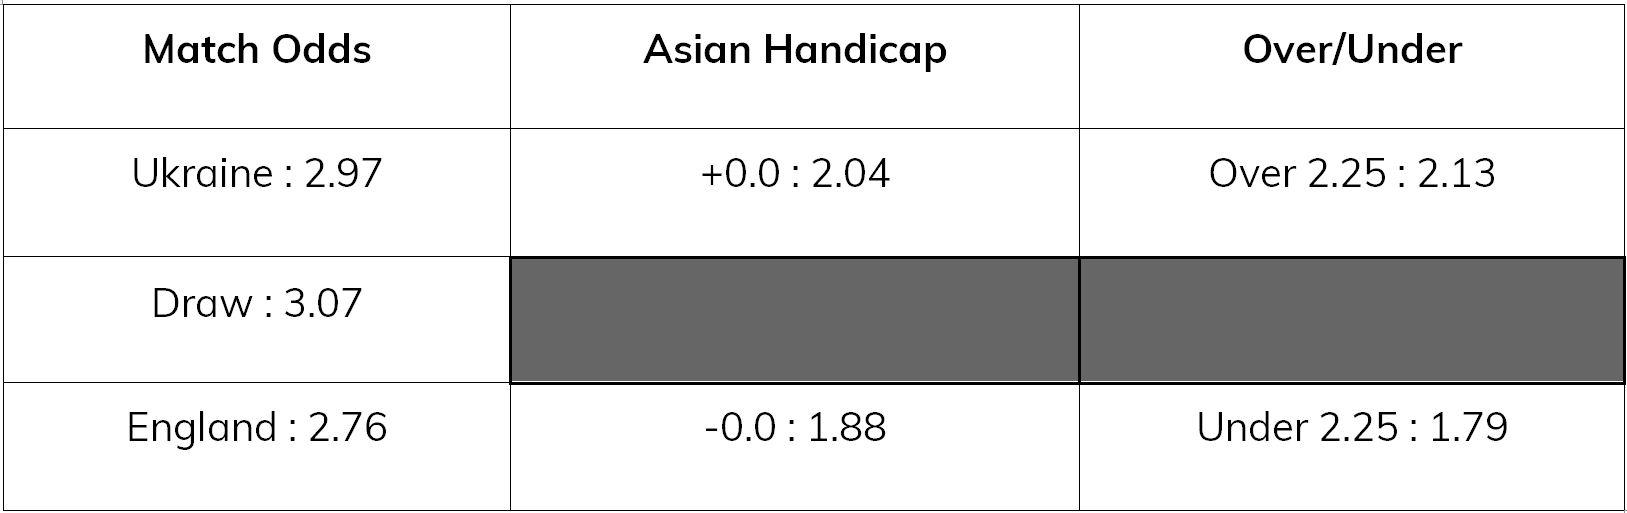 england-v-belgium-asian-handicap-eastbridge3